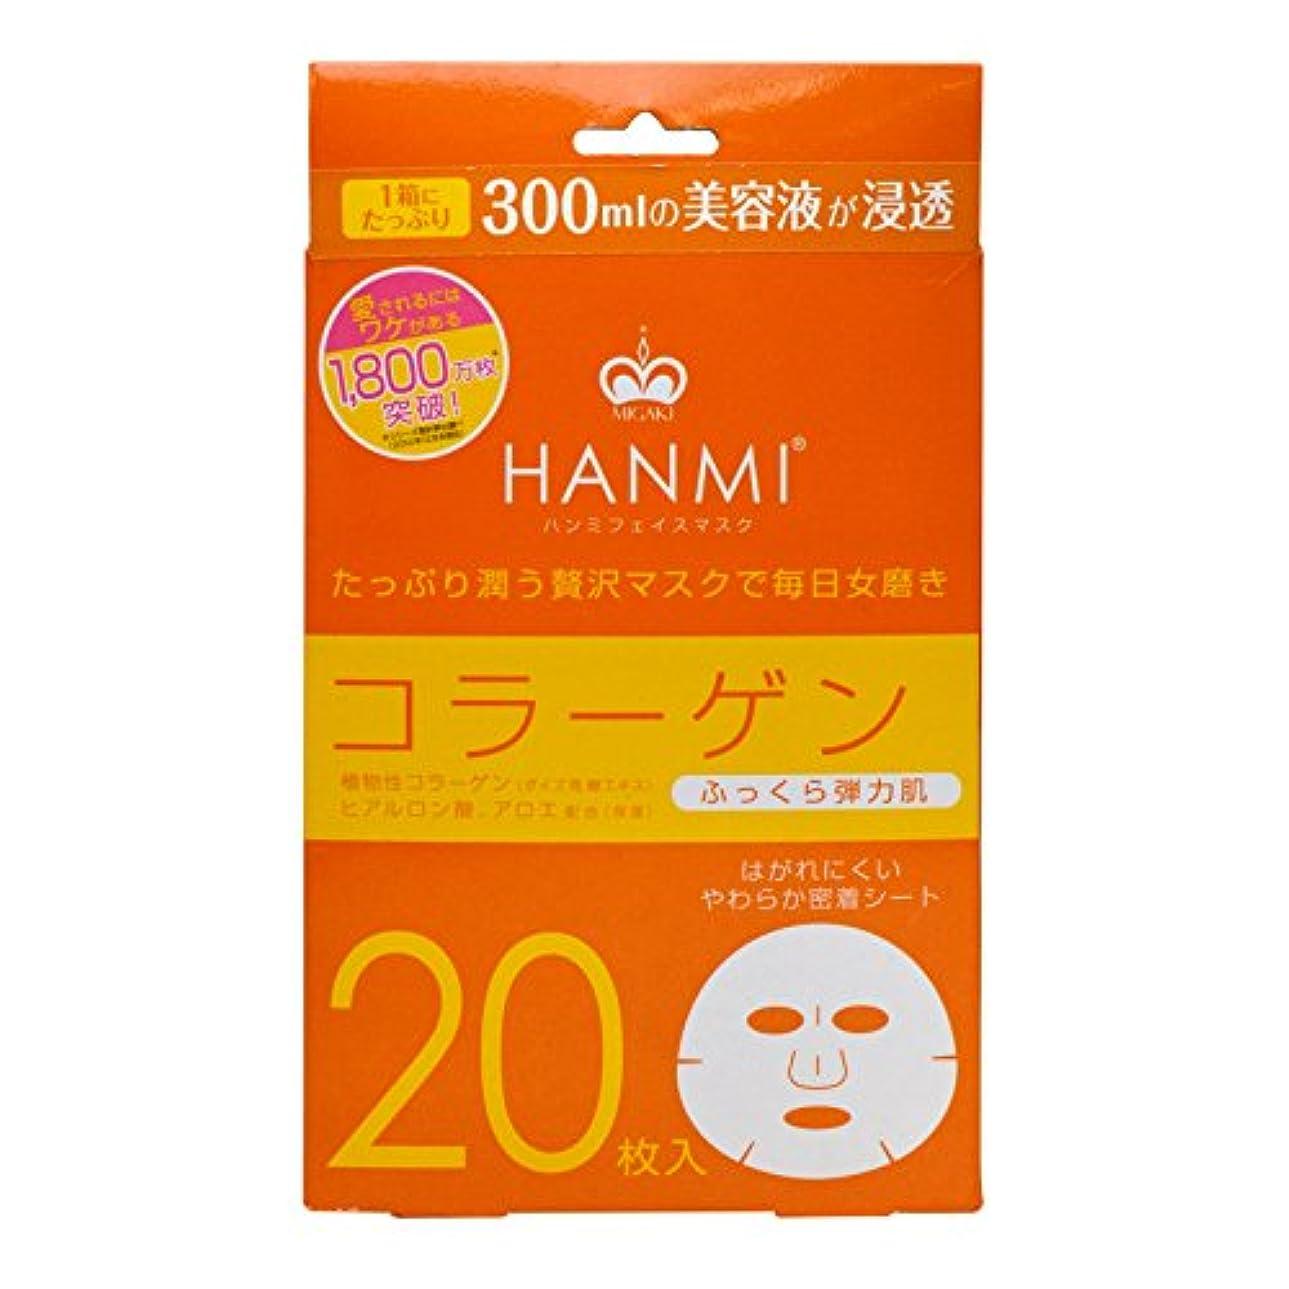 マサッチョ拡張シミュレートするMIGAKI ハンミフェイスマスク コラーゲン 20枚入り